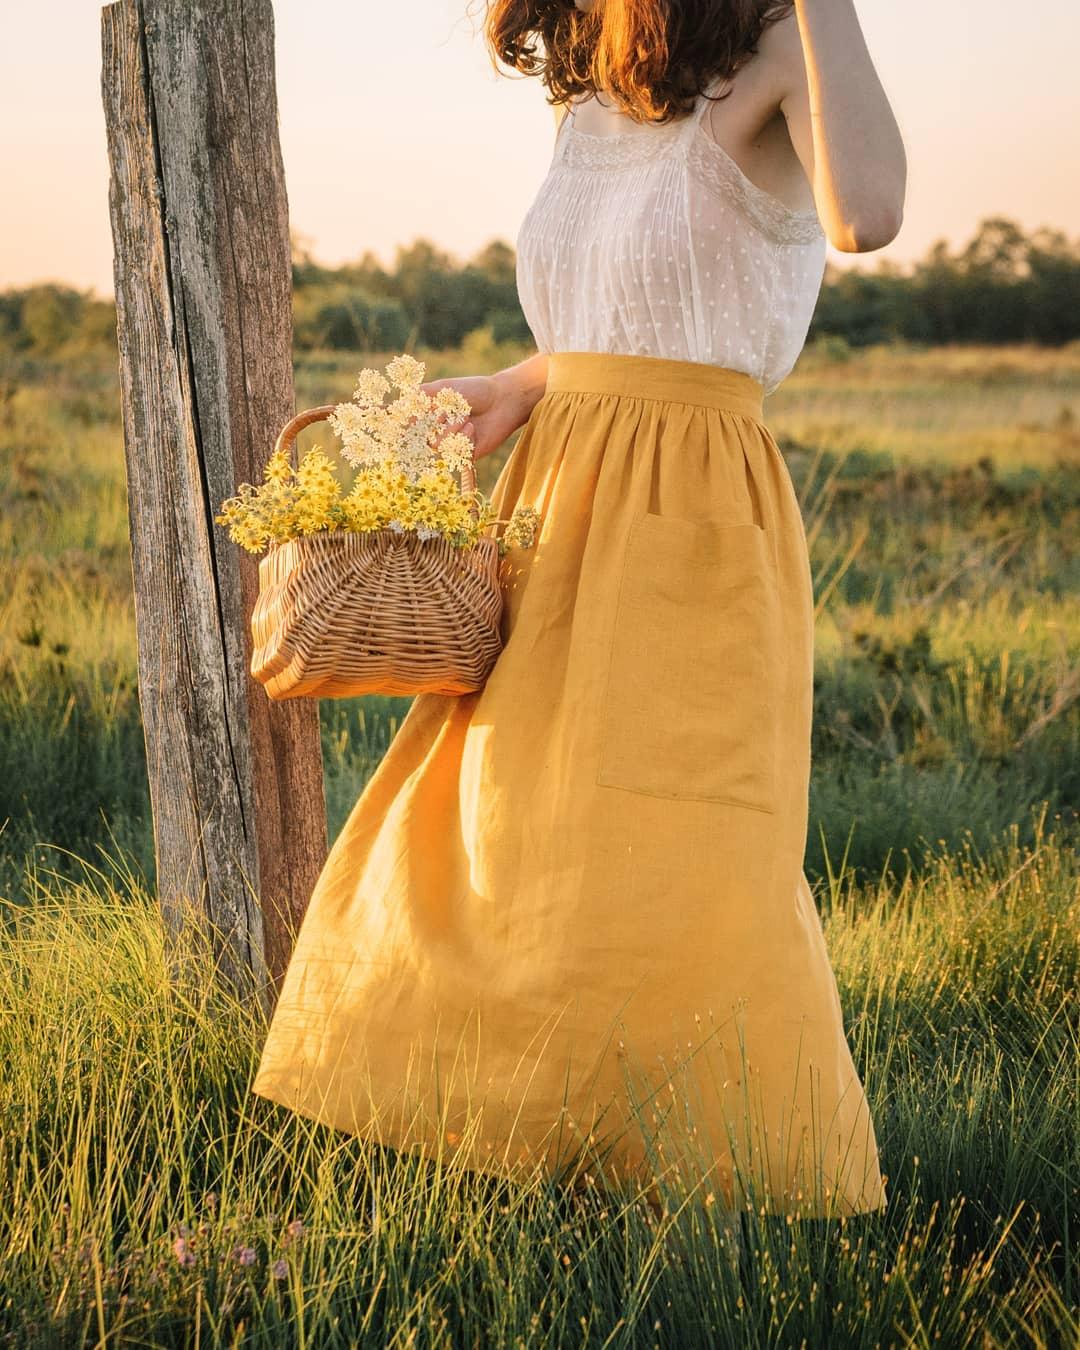 Cô gái mặc chân váy linen màu vàng phong cách thời trang Cottagecore